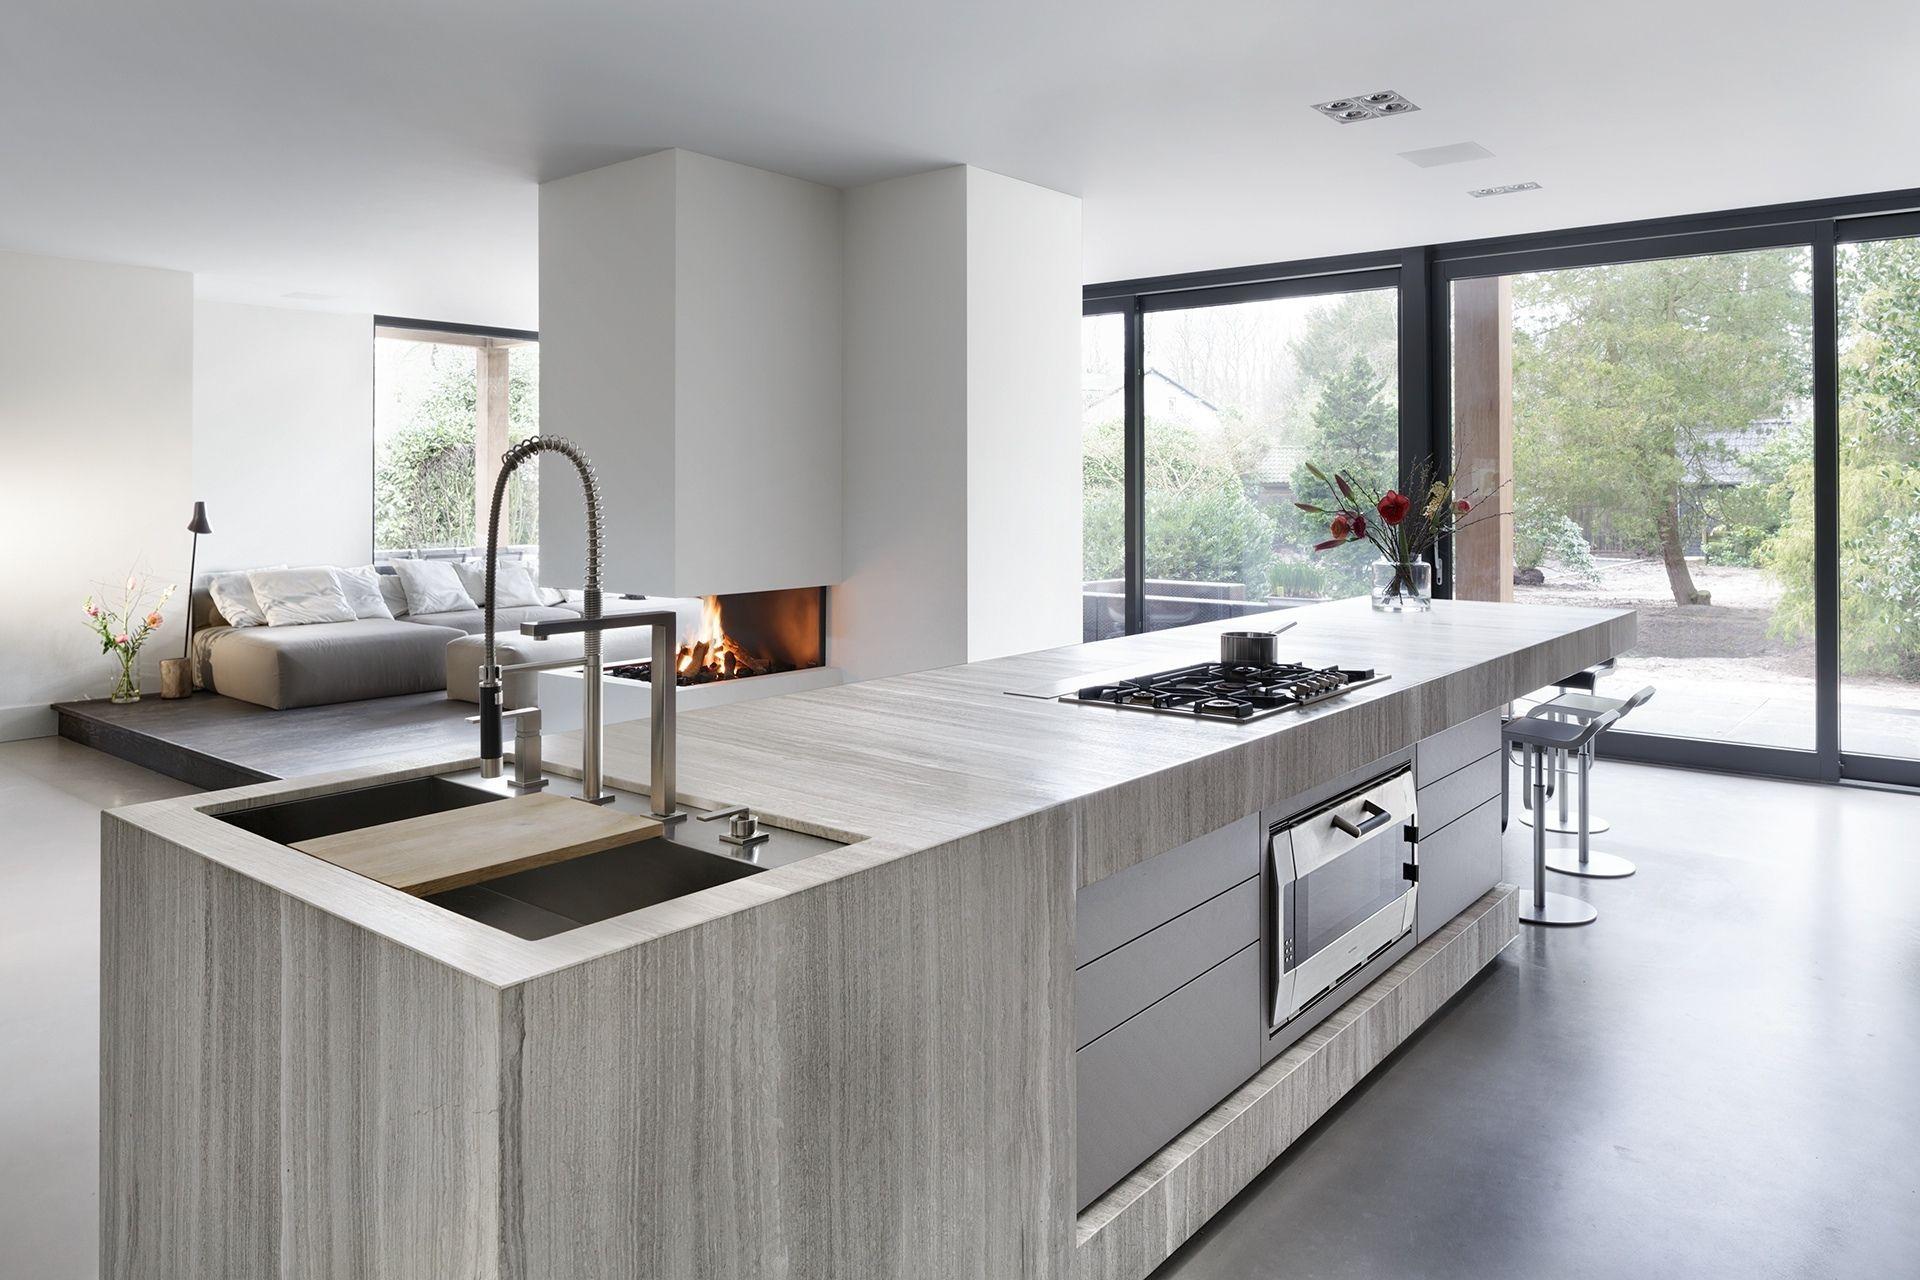 Modern interieur met haard kookeiland designkeuken bloxx van culimaat prijs voor beste - Prijs keuken met kookeiland ...